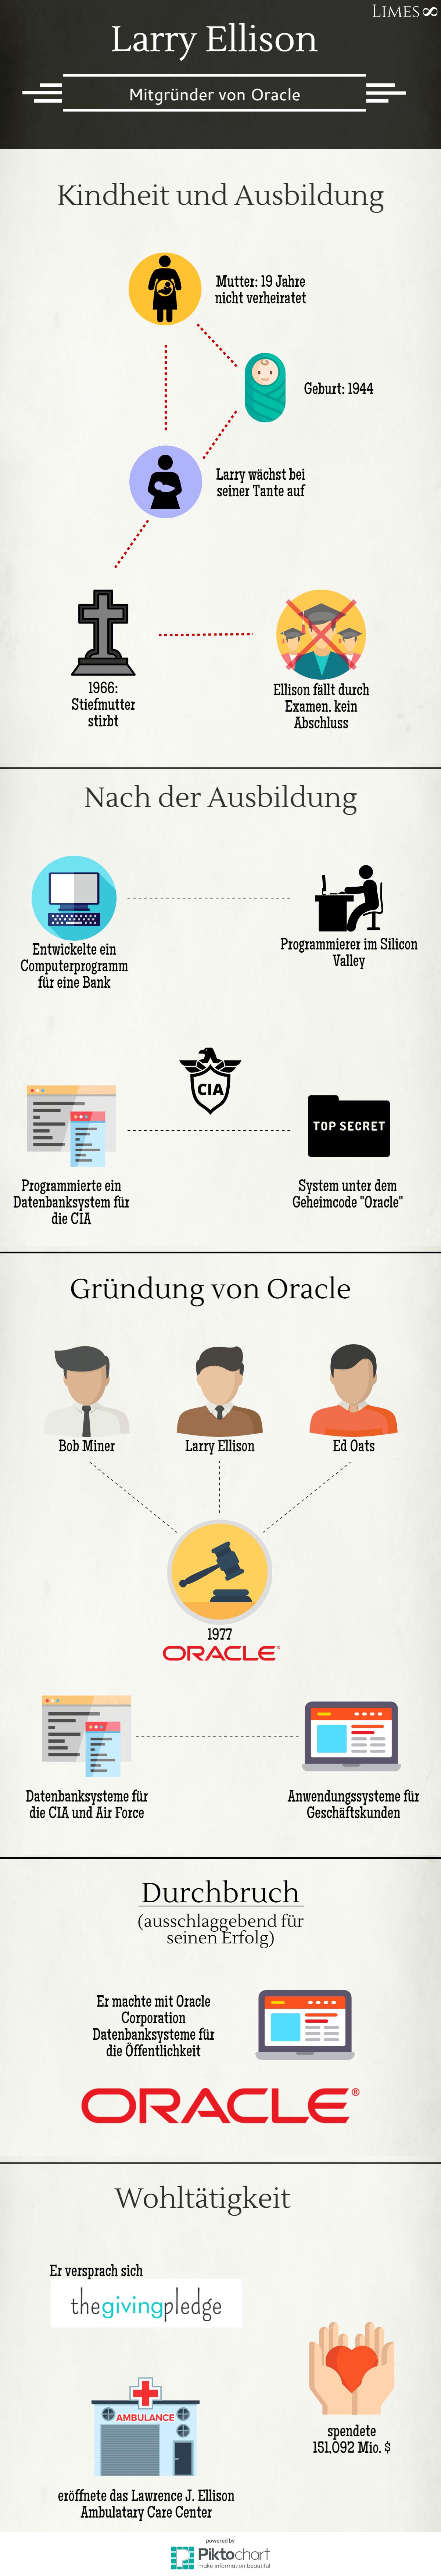 Infografik über Larry Ellison